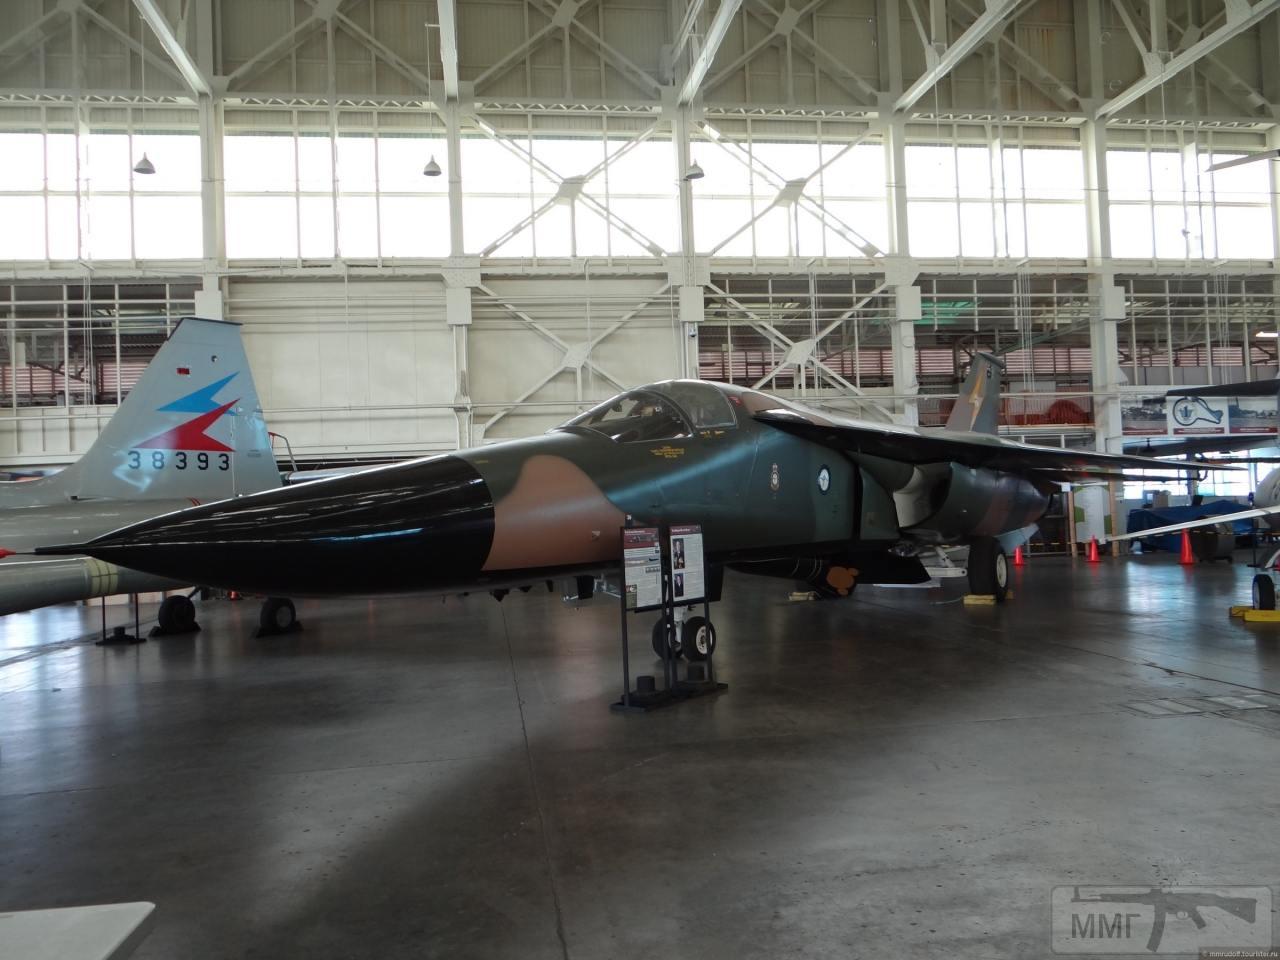 32002 - Тихоокеанский музей авиации «Пёрл-Харбор», Гонолулу